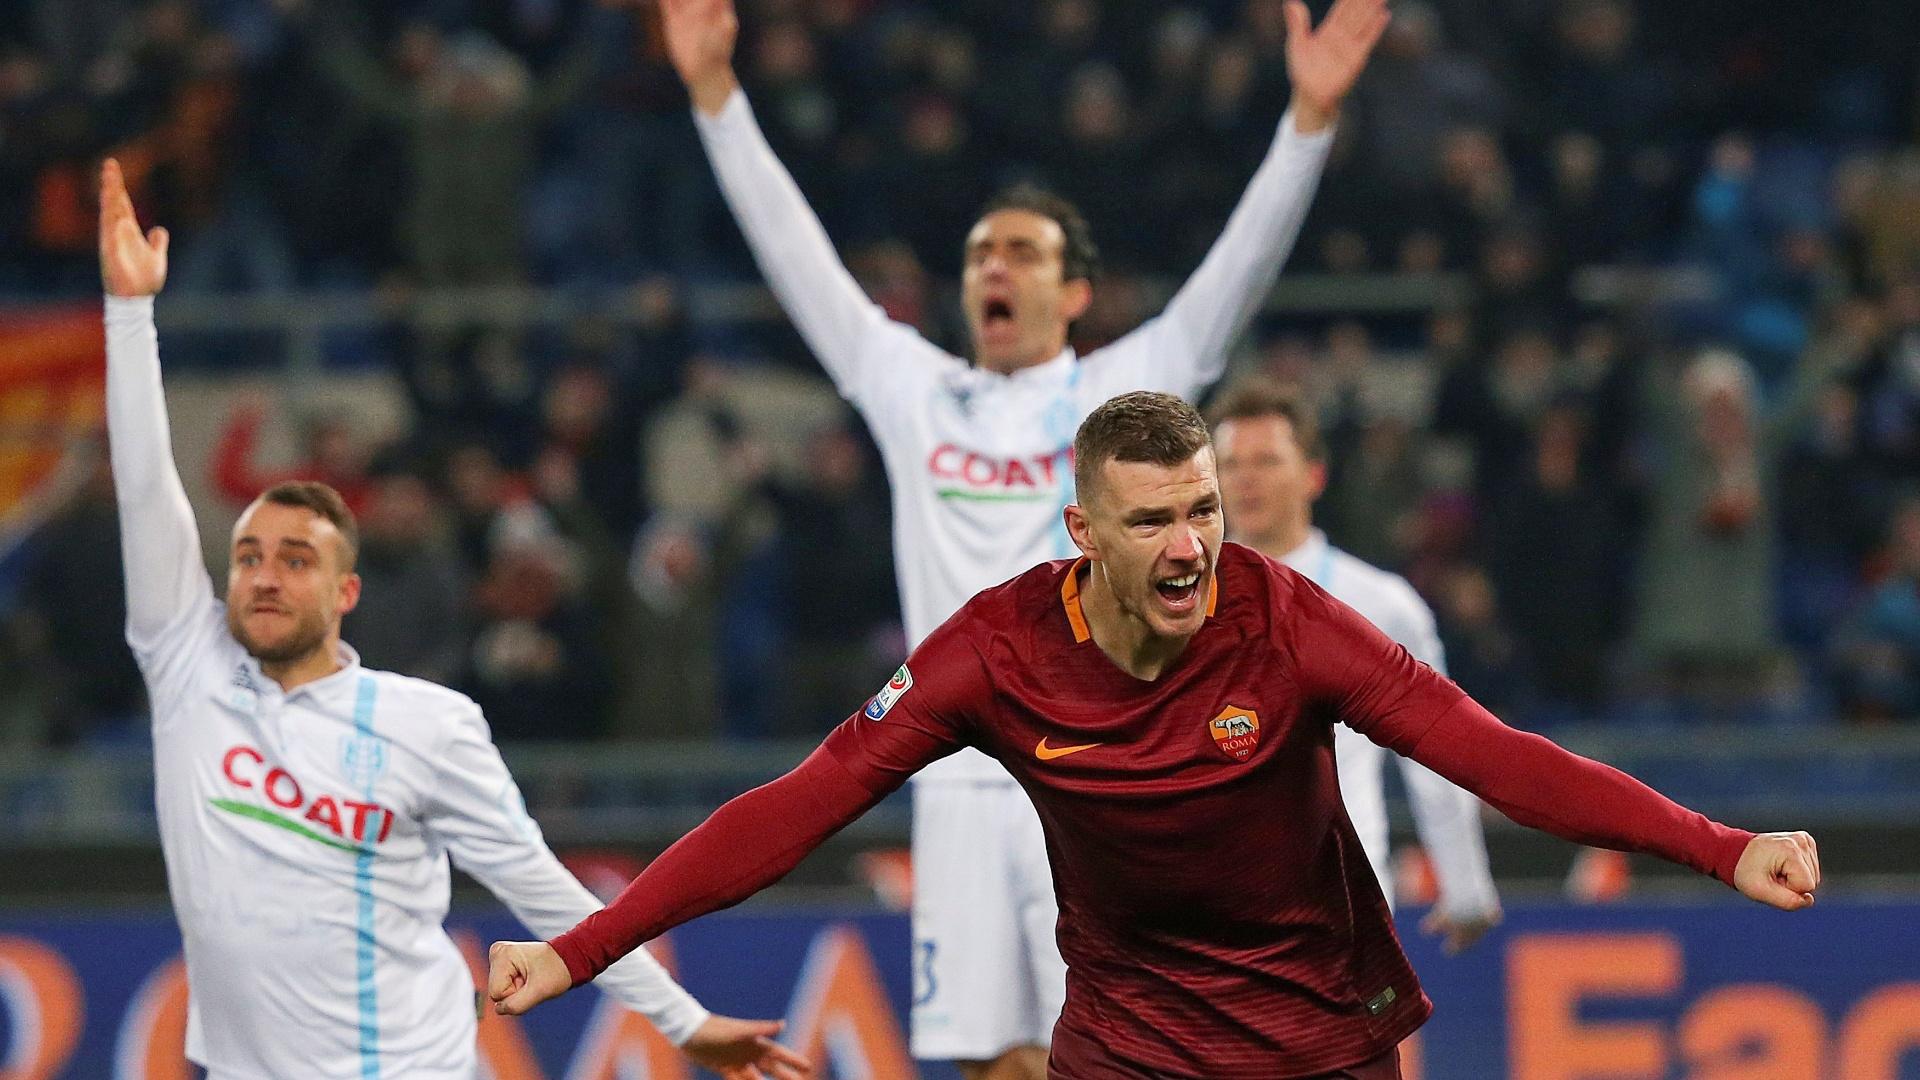 Dzeko celebra gol da vitória da Roma sobre o Chievo